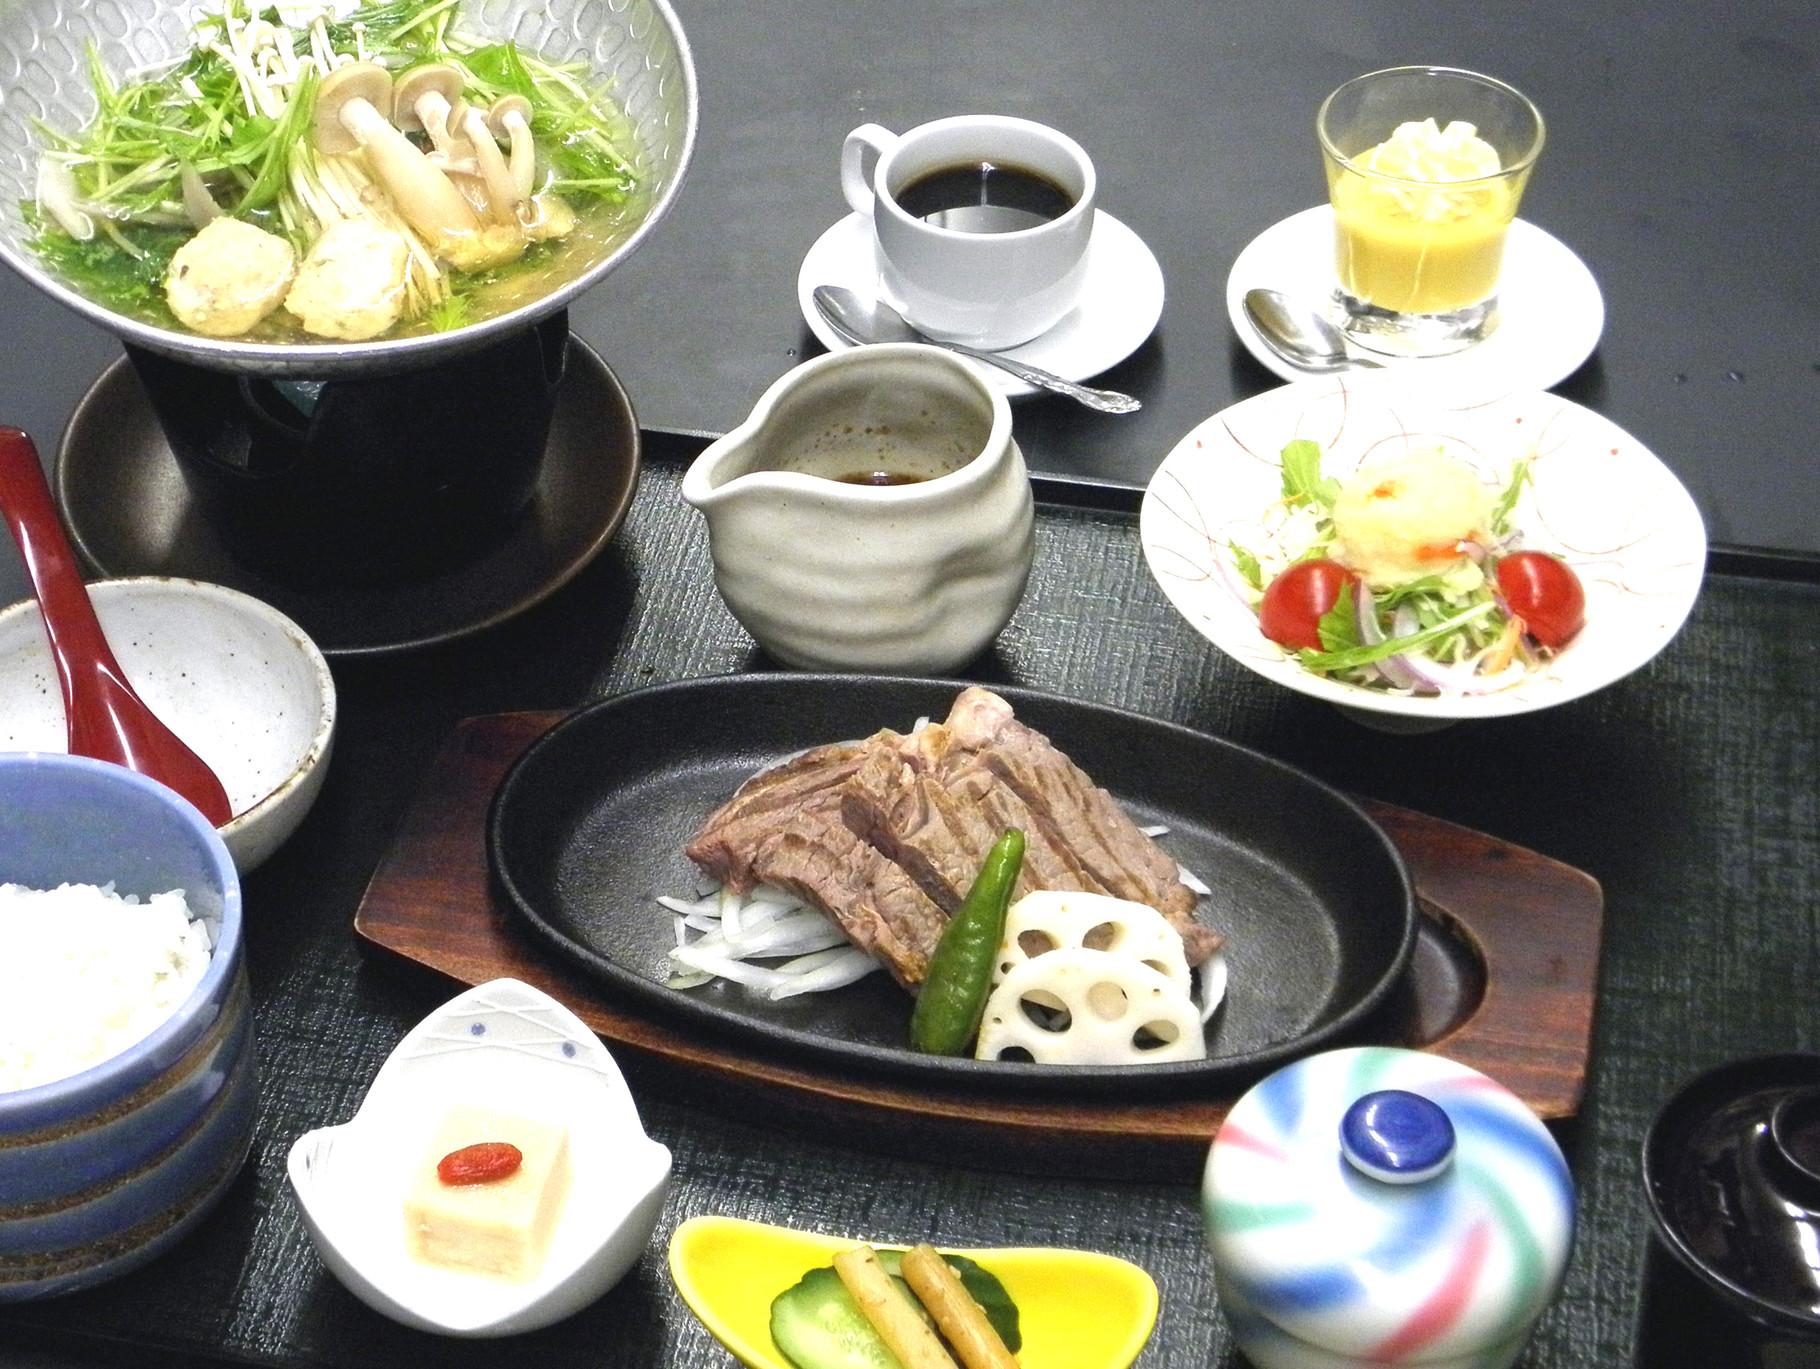 ステーキ御膳 1,980円(税込)